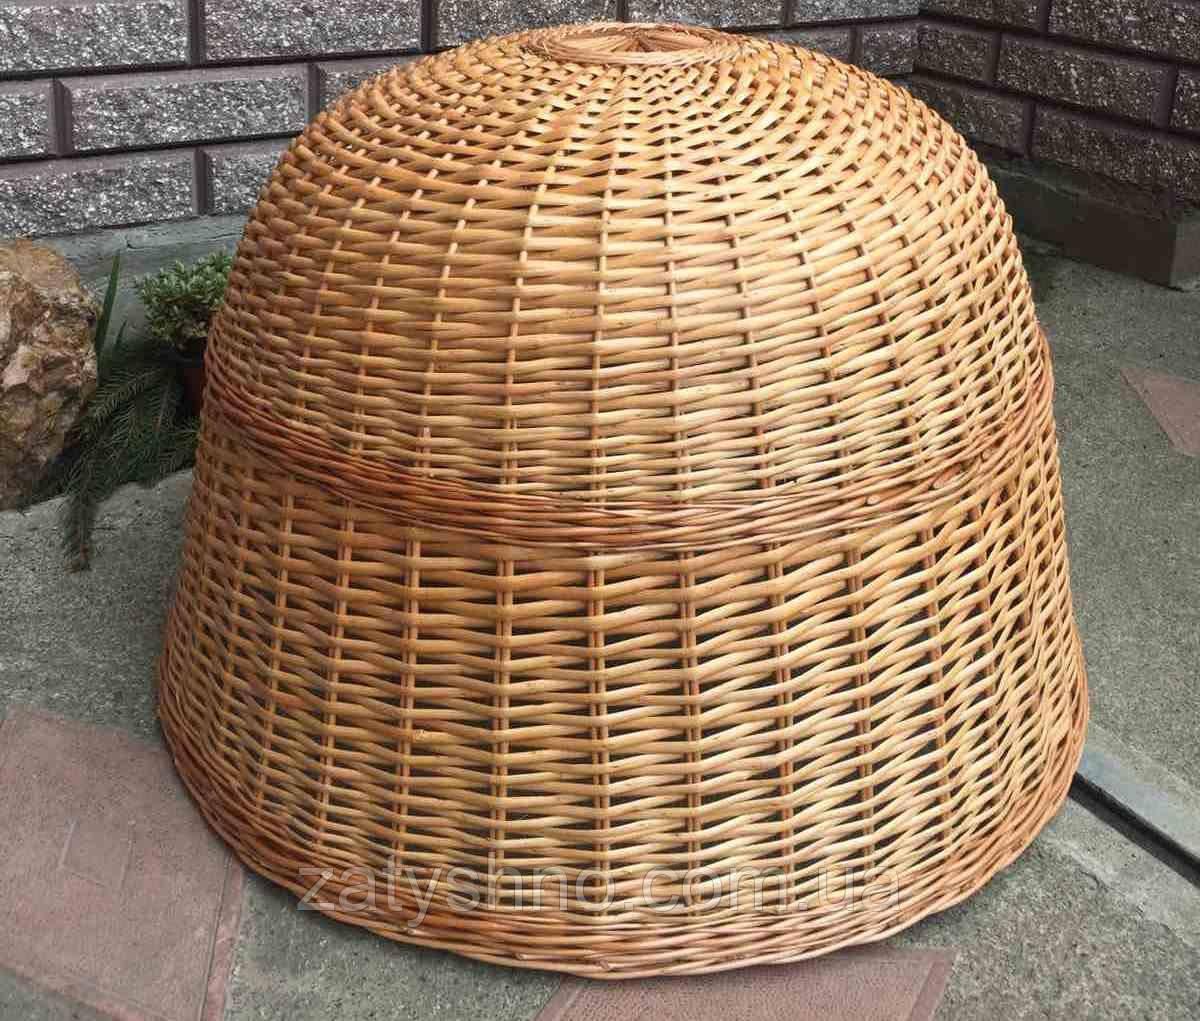 Габаритная люстра плетеная | люстра из лозы лакированая  /плетеной светильник для магазина